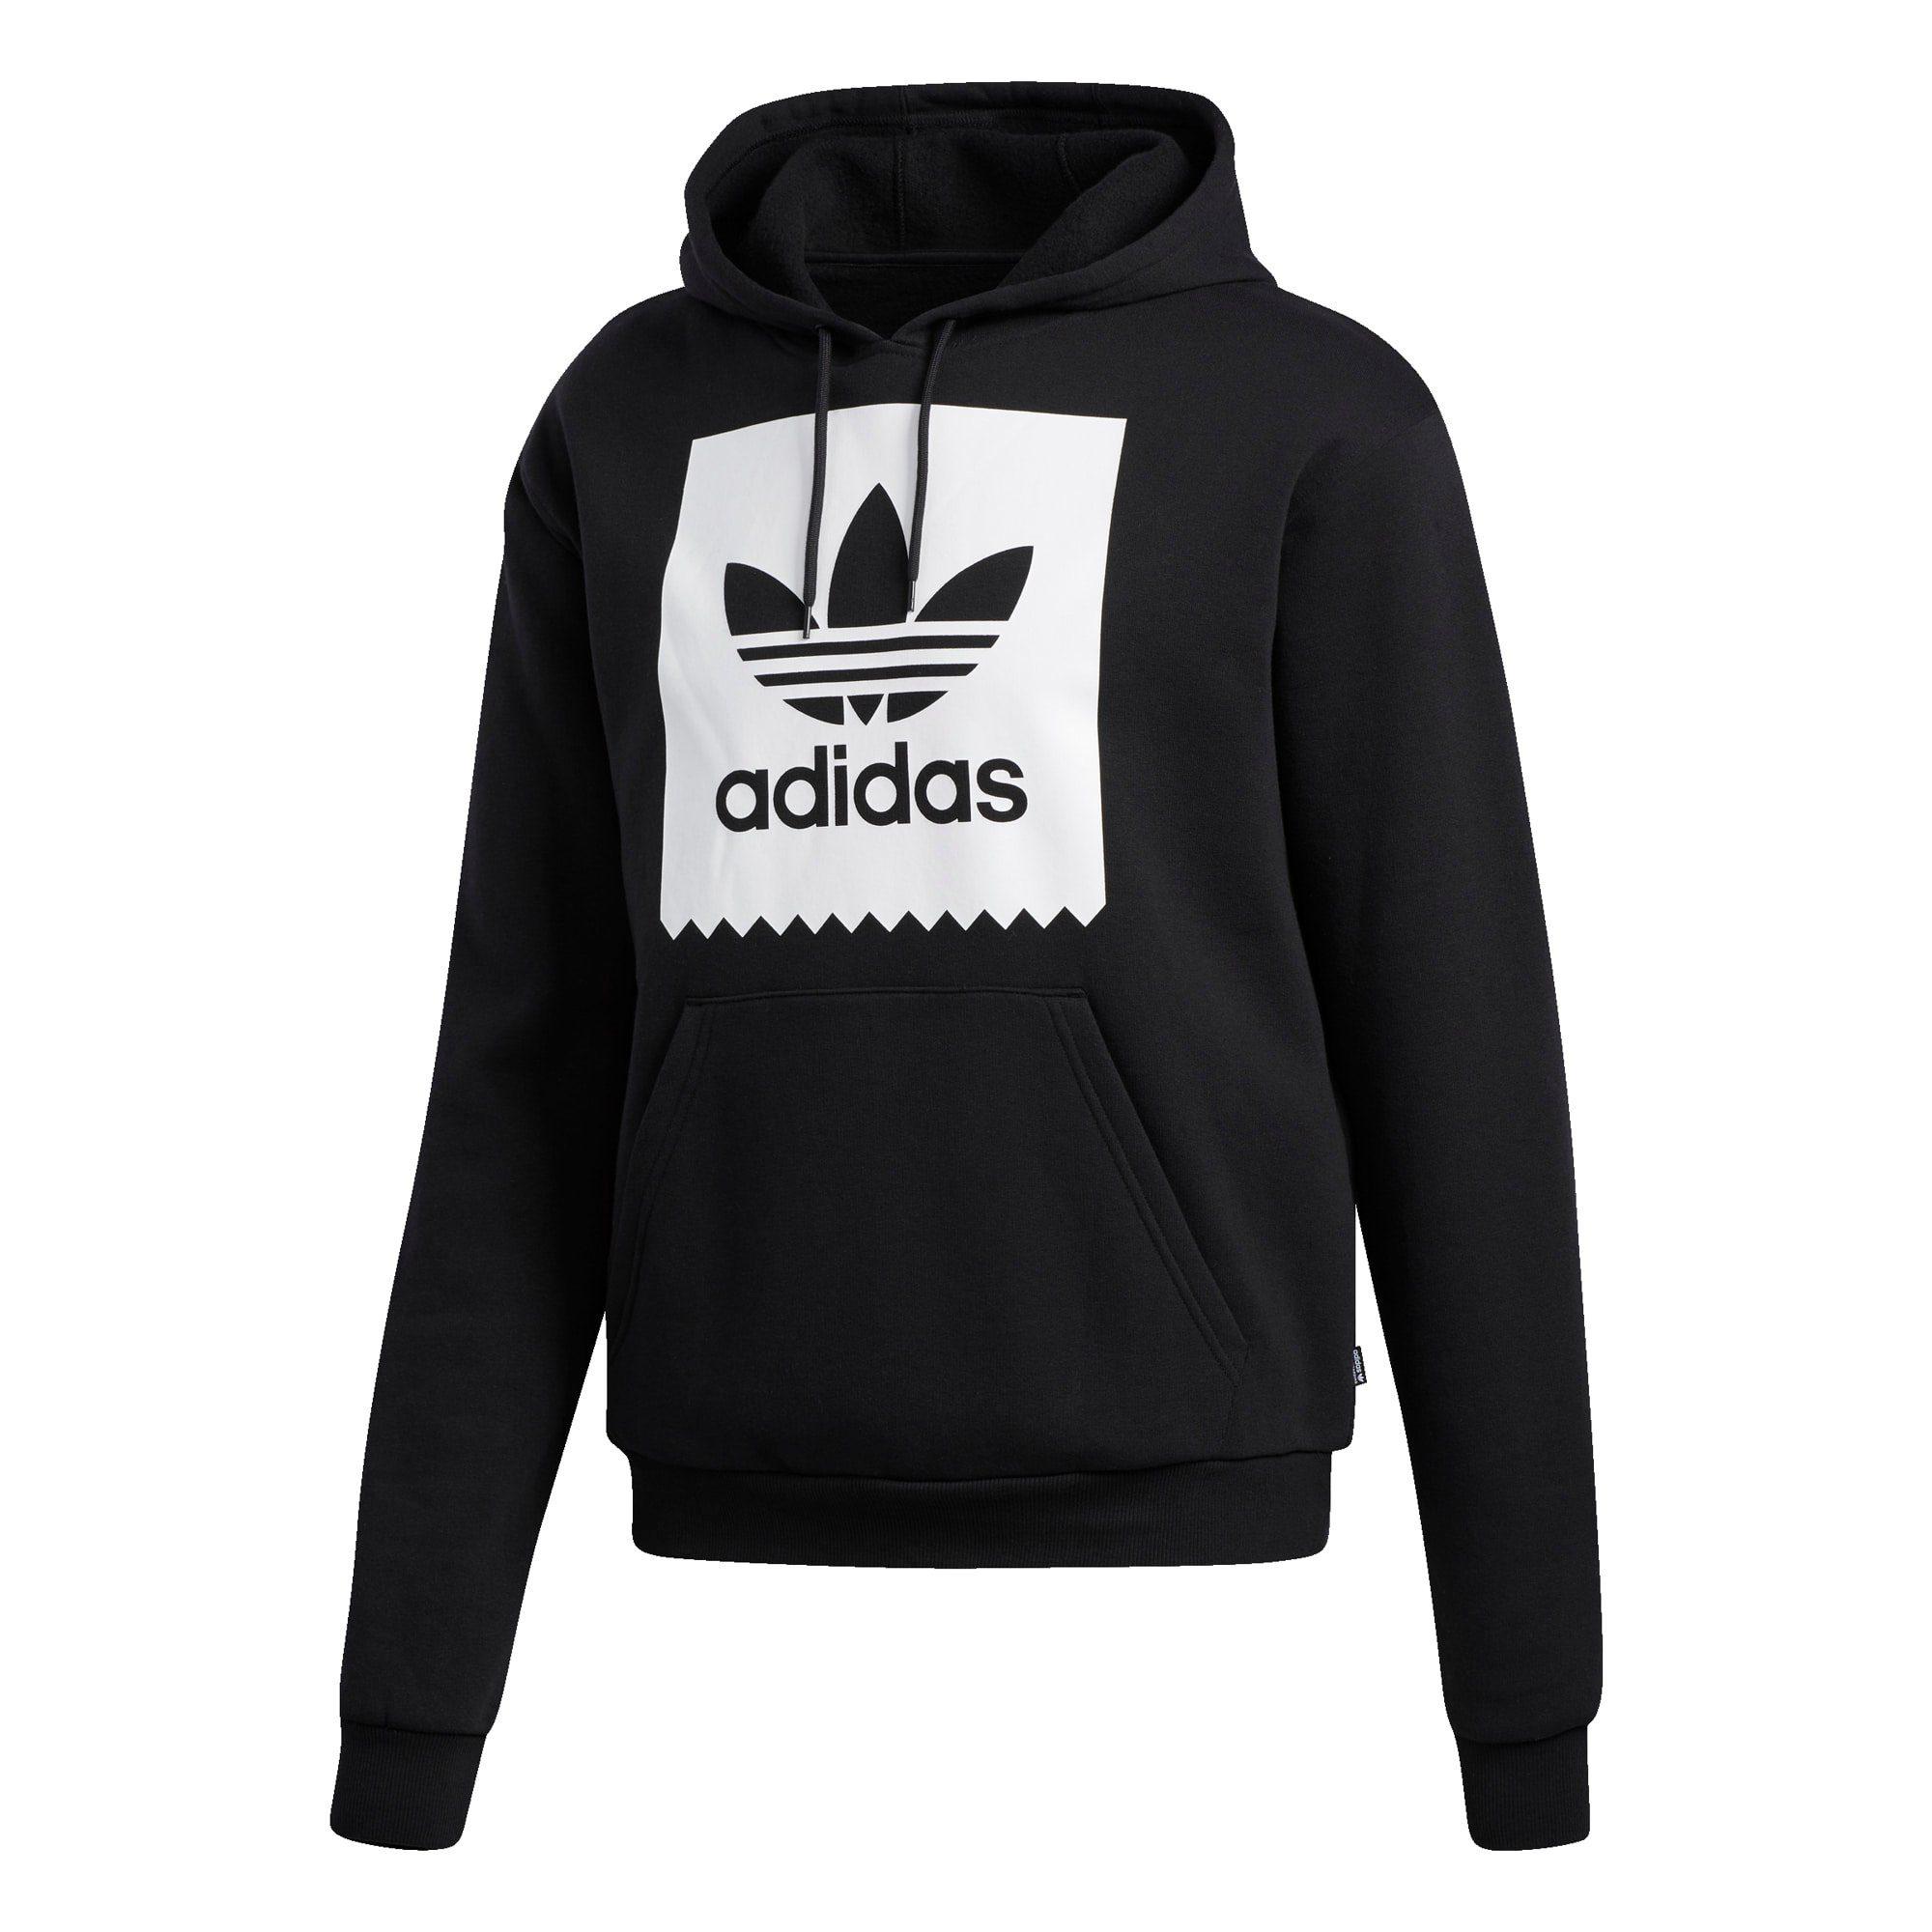 adidas Originals Hoodie »Solid BB Hoodie« kaufen | OTTO